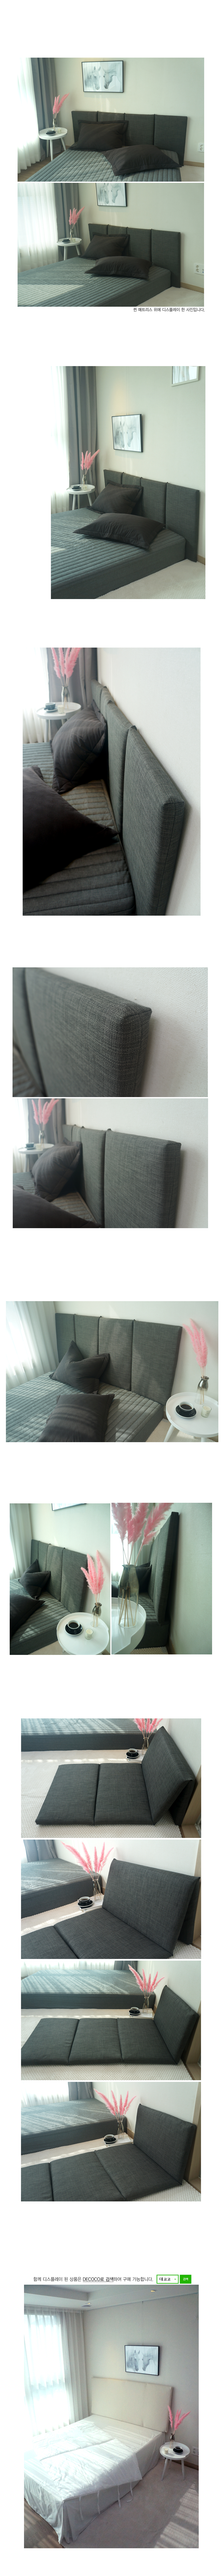 슬림 침대 헤드보드 6color - 데코코, 65,700원, 쿠션, 무지/솔리드